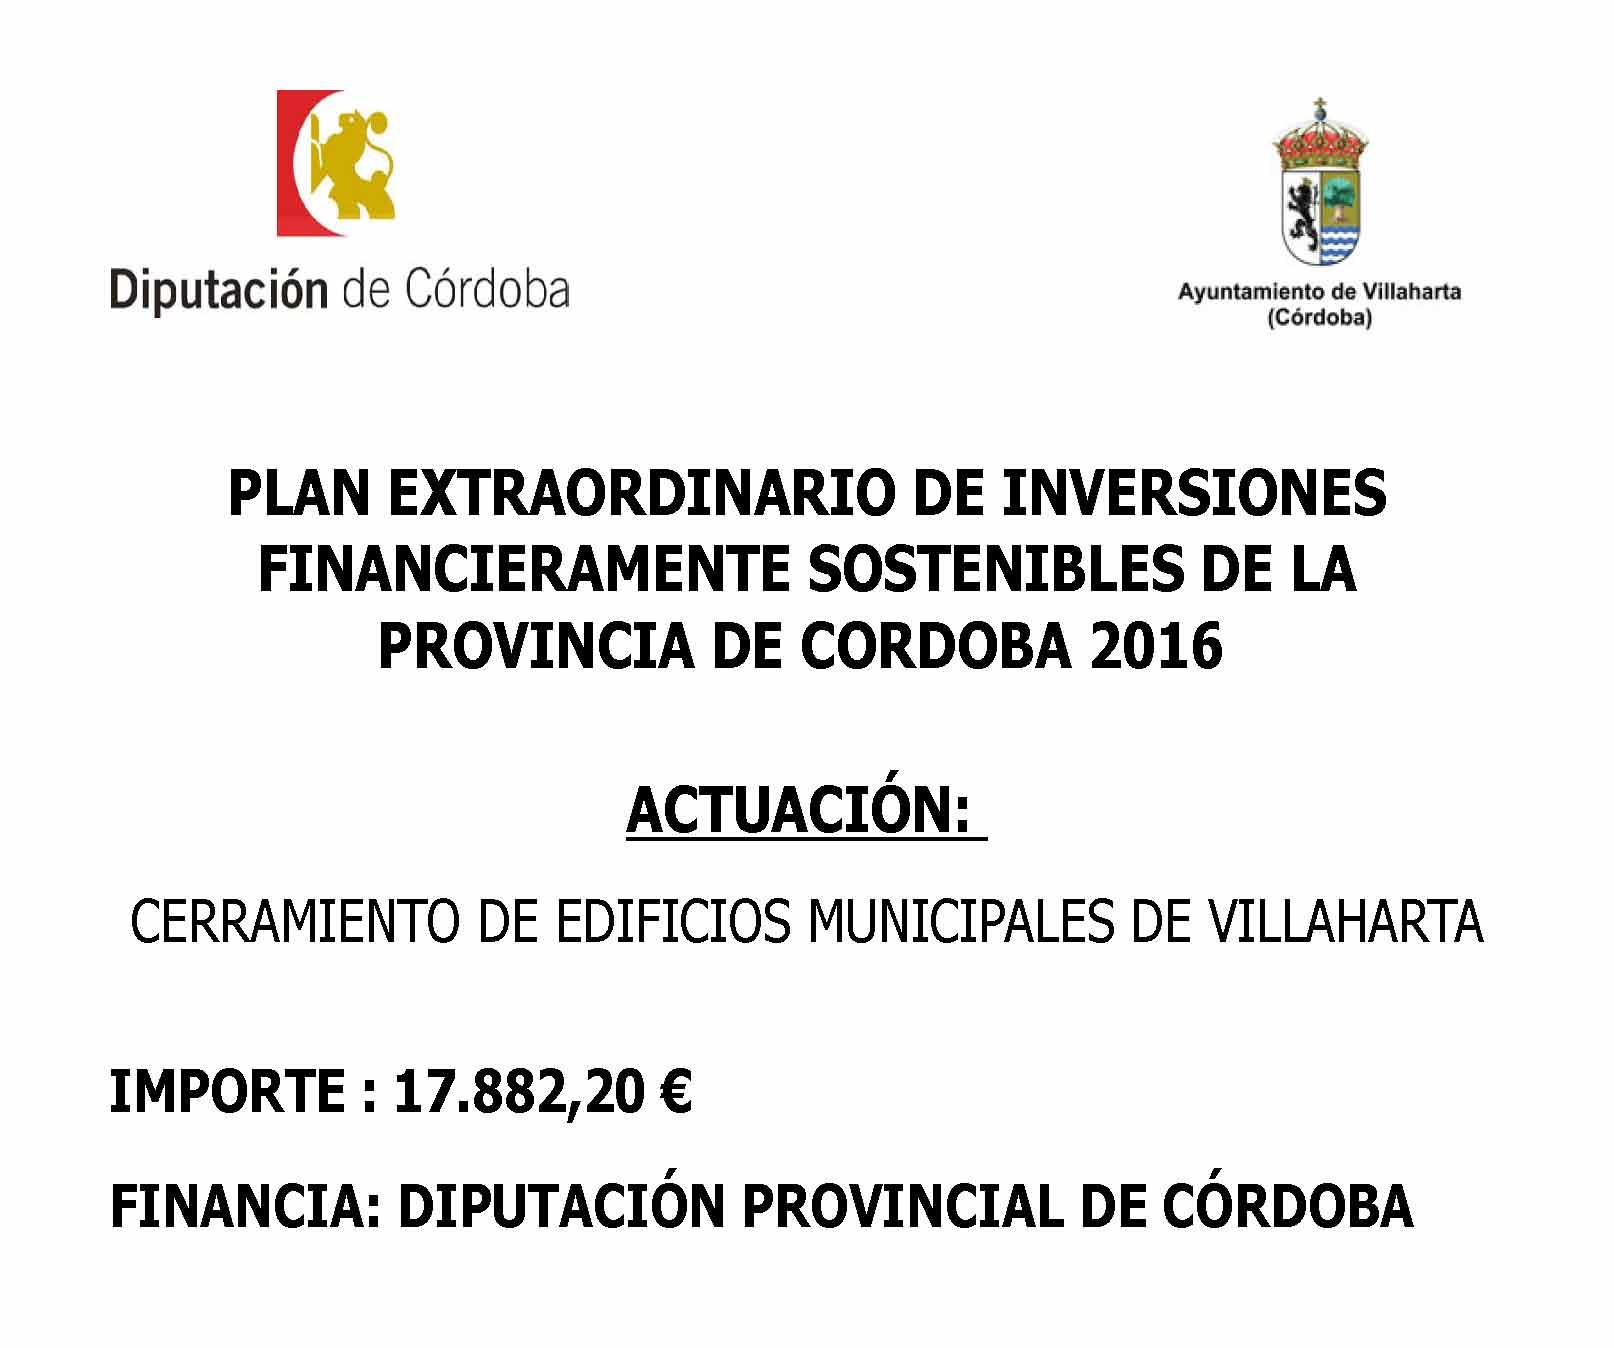 SUBVENCIONES RECIBIDAS. 2016 14